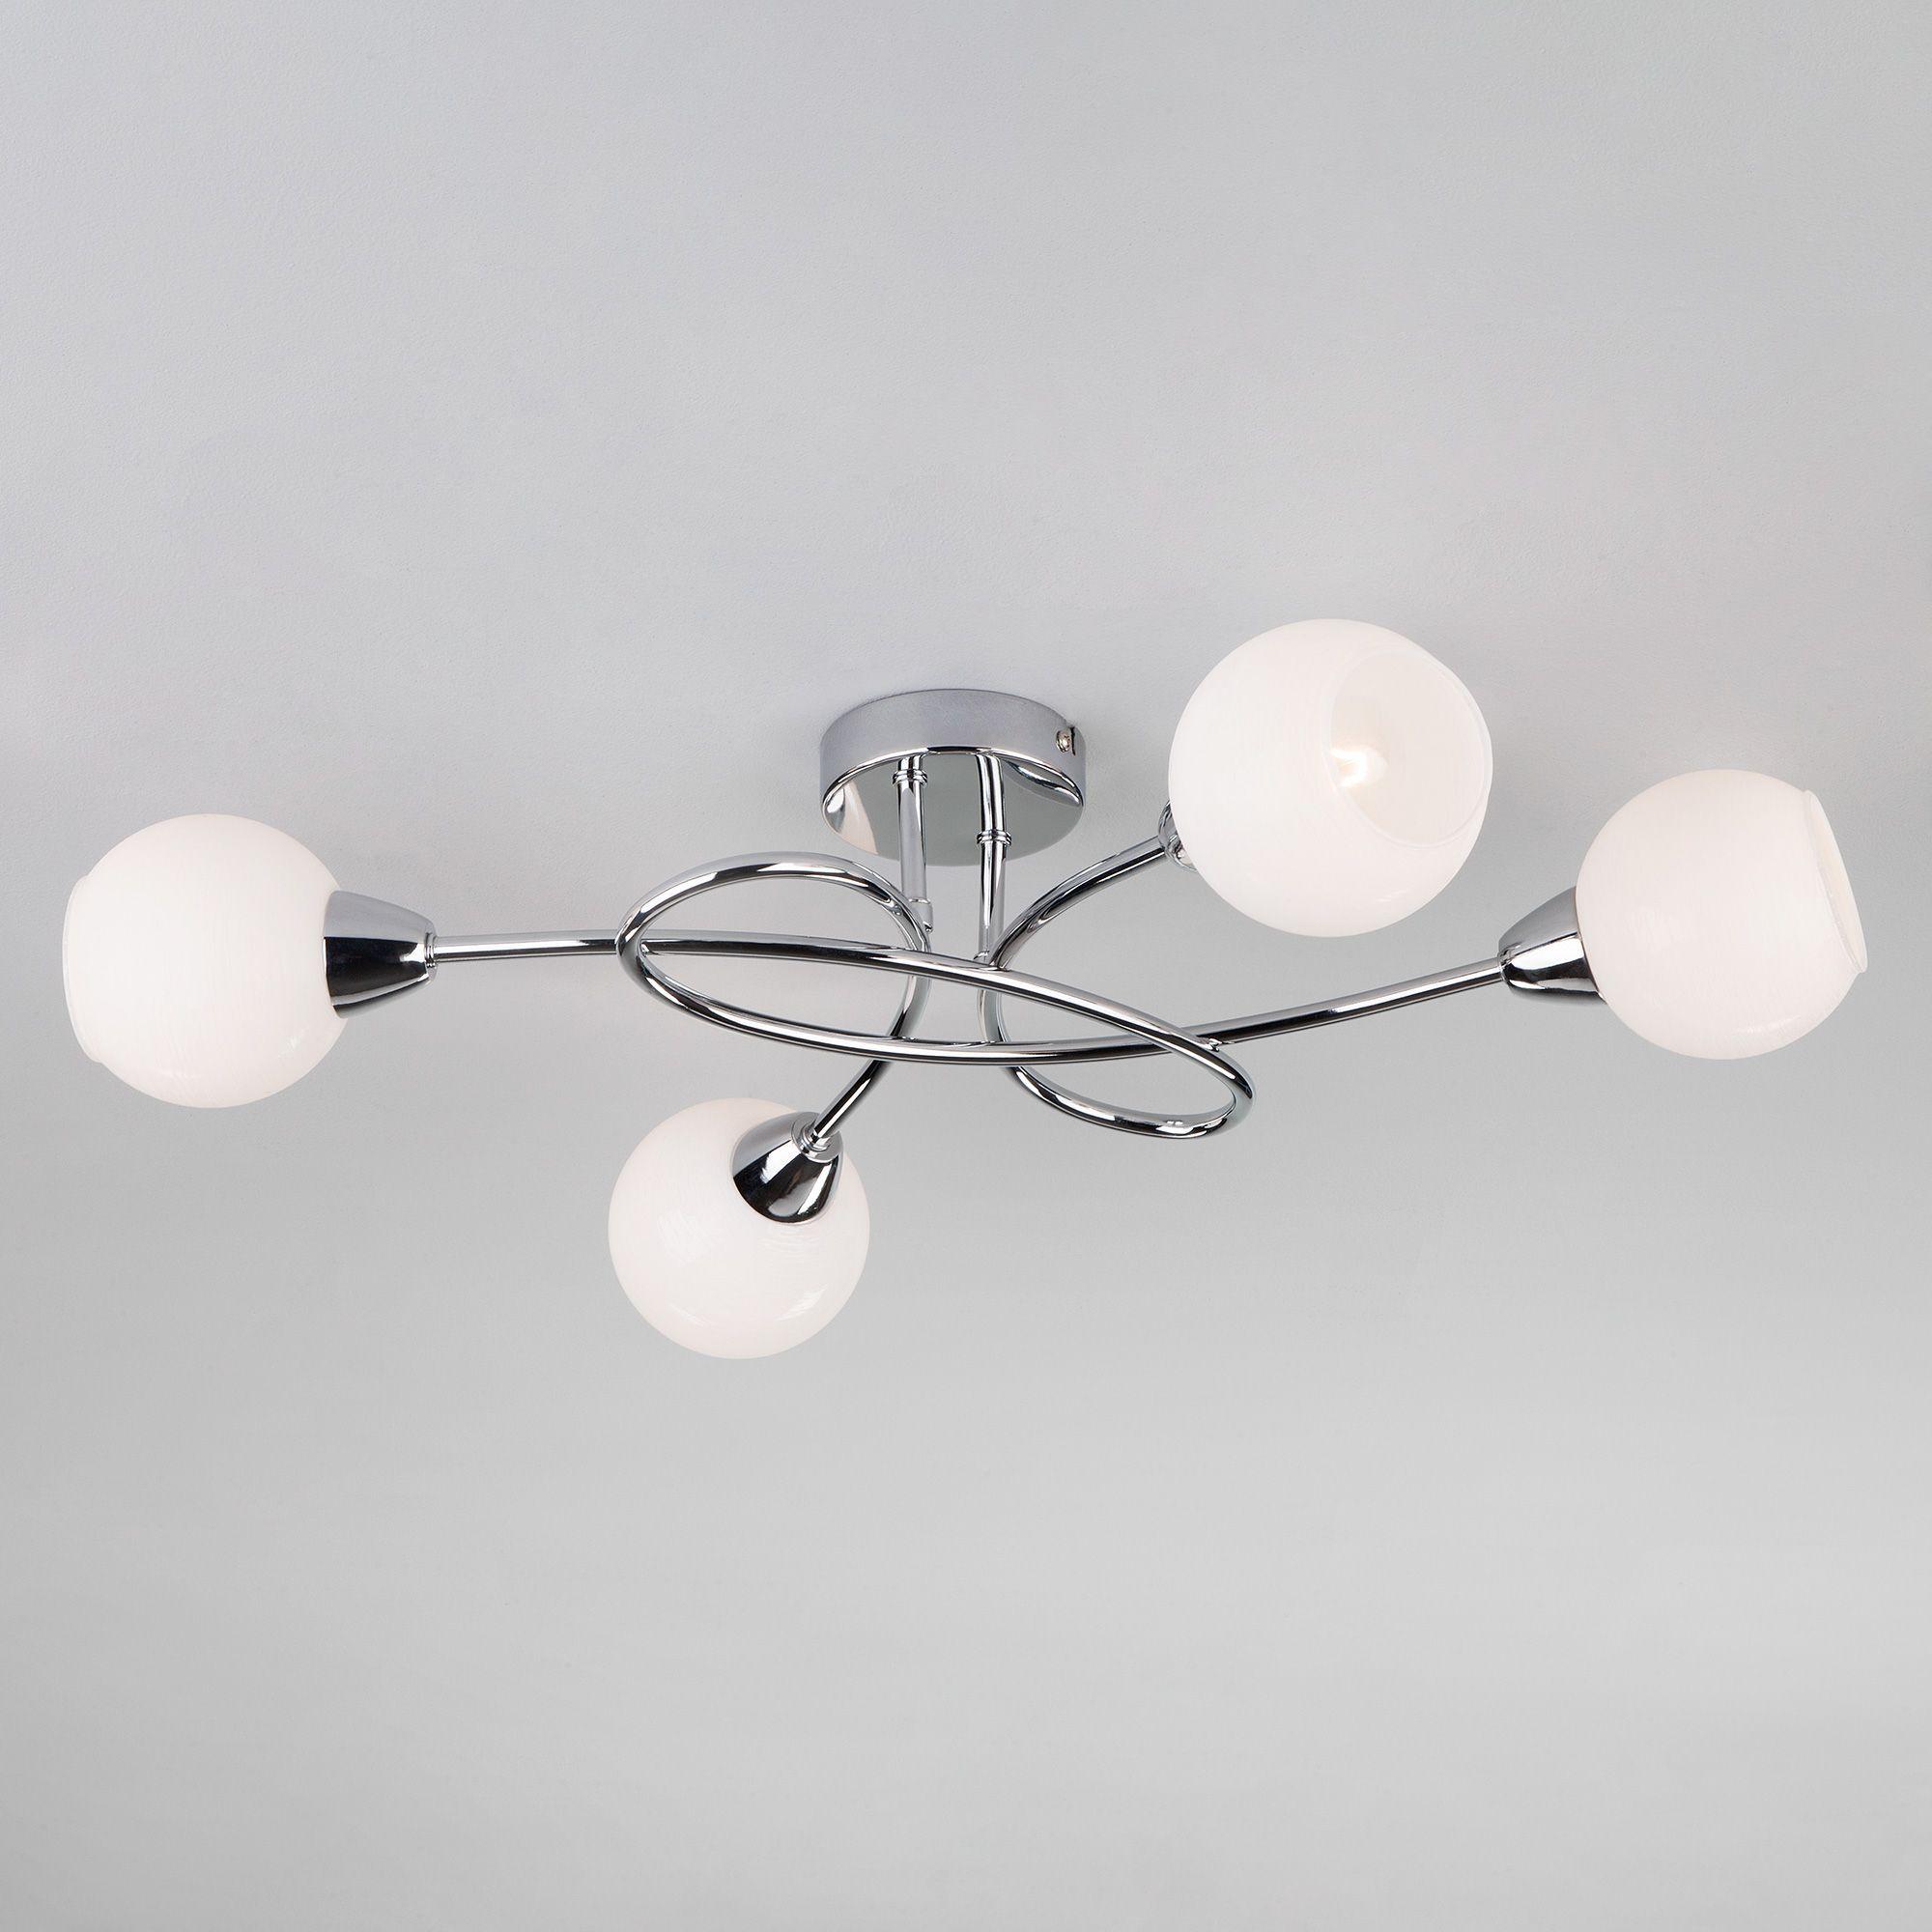 Потолочный светильник с круглыми плафонами 30133/4 хром